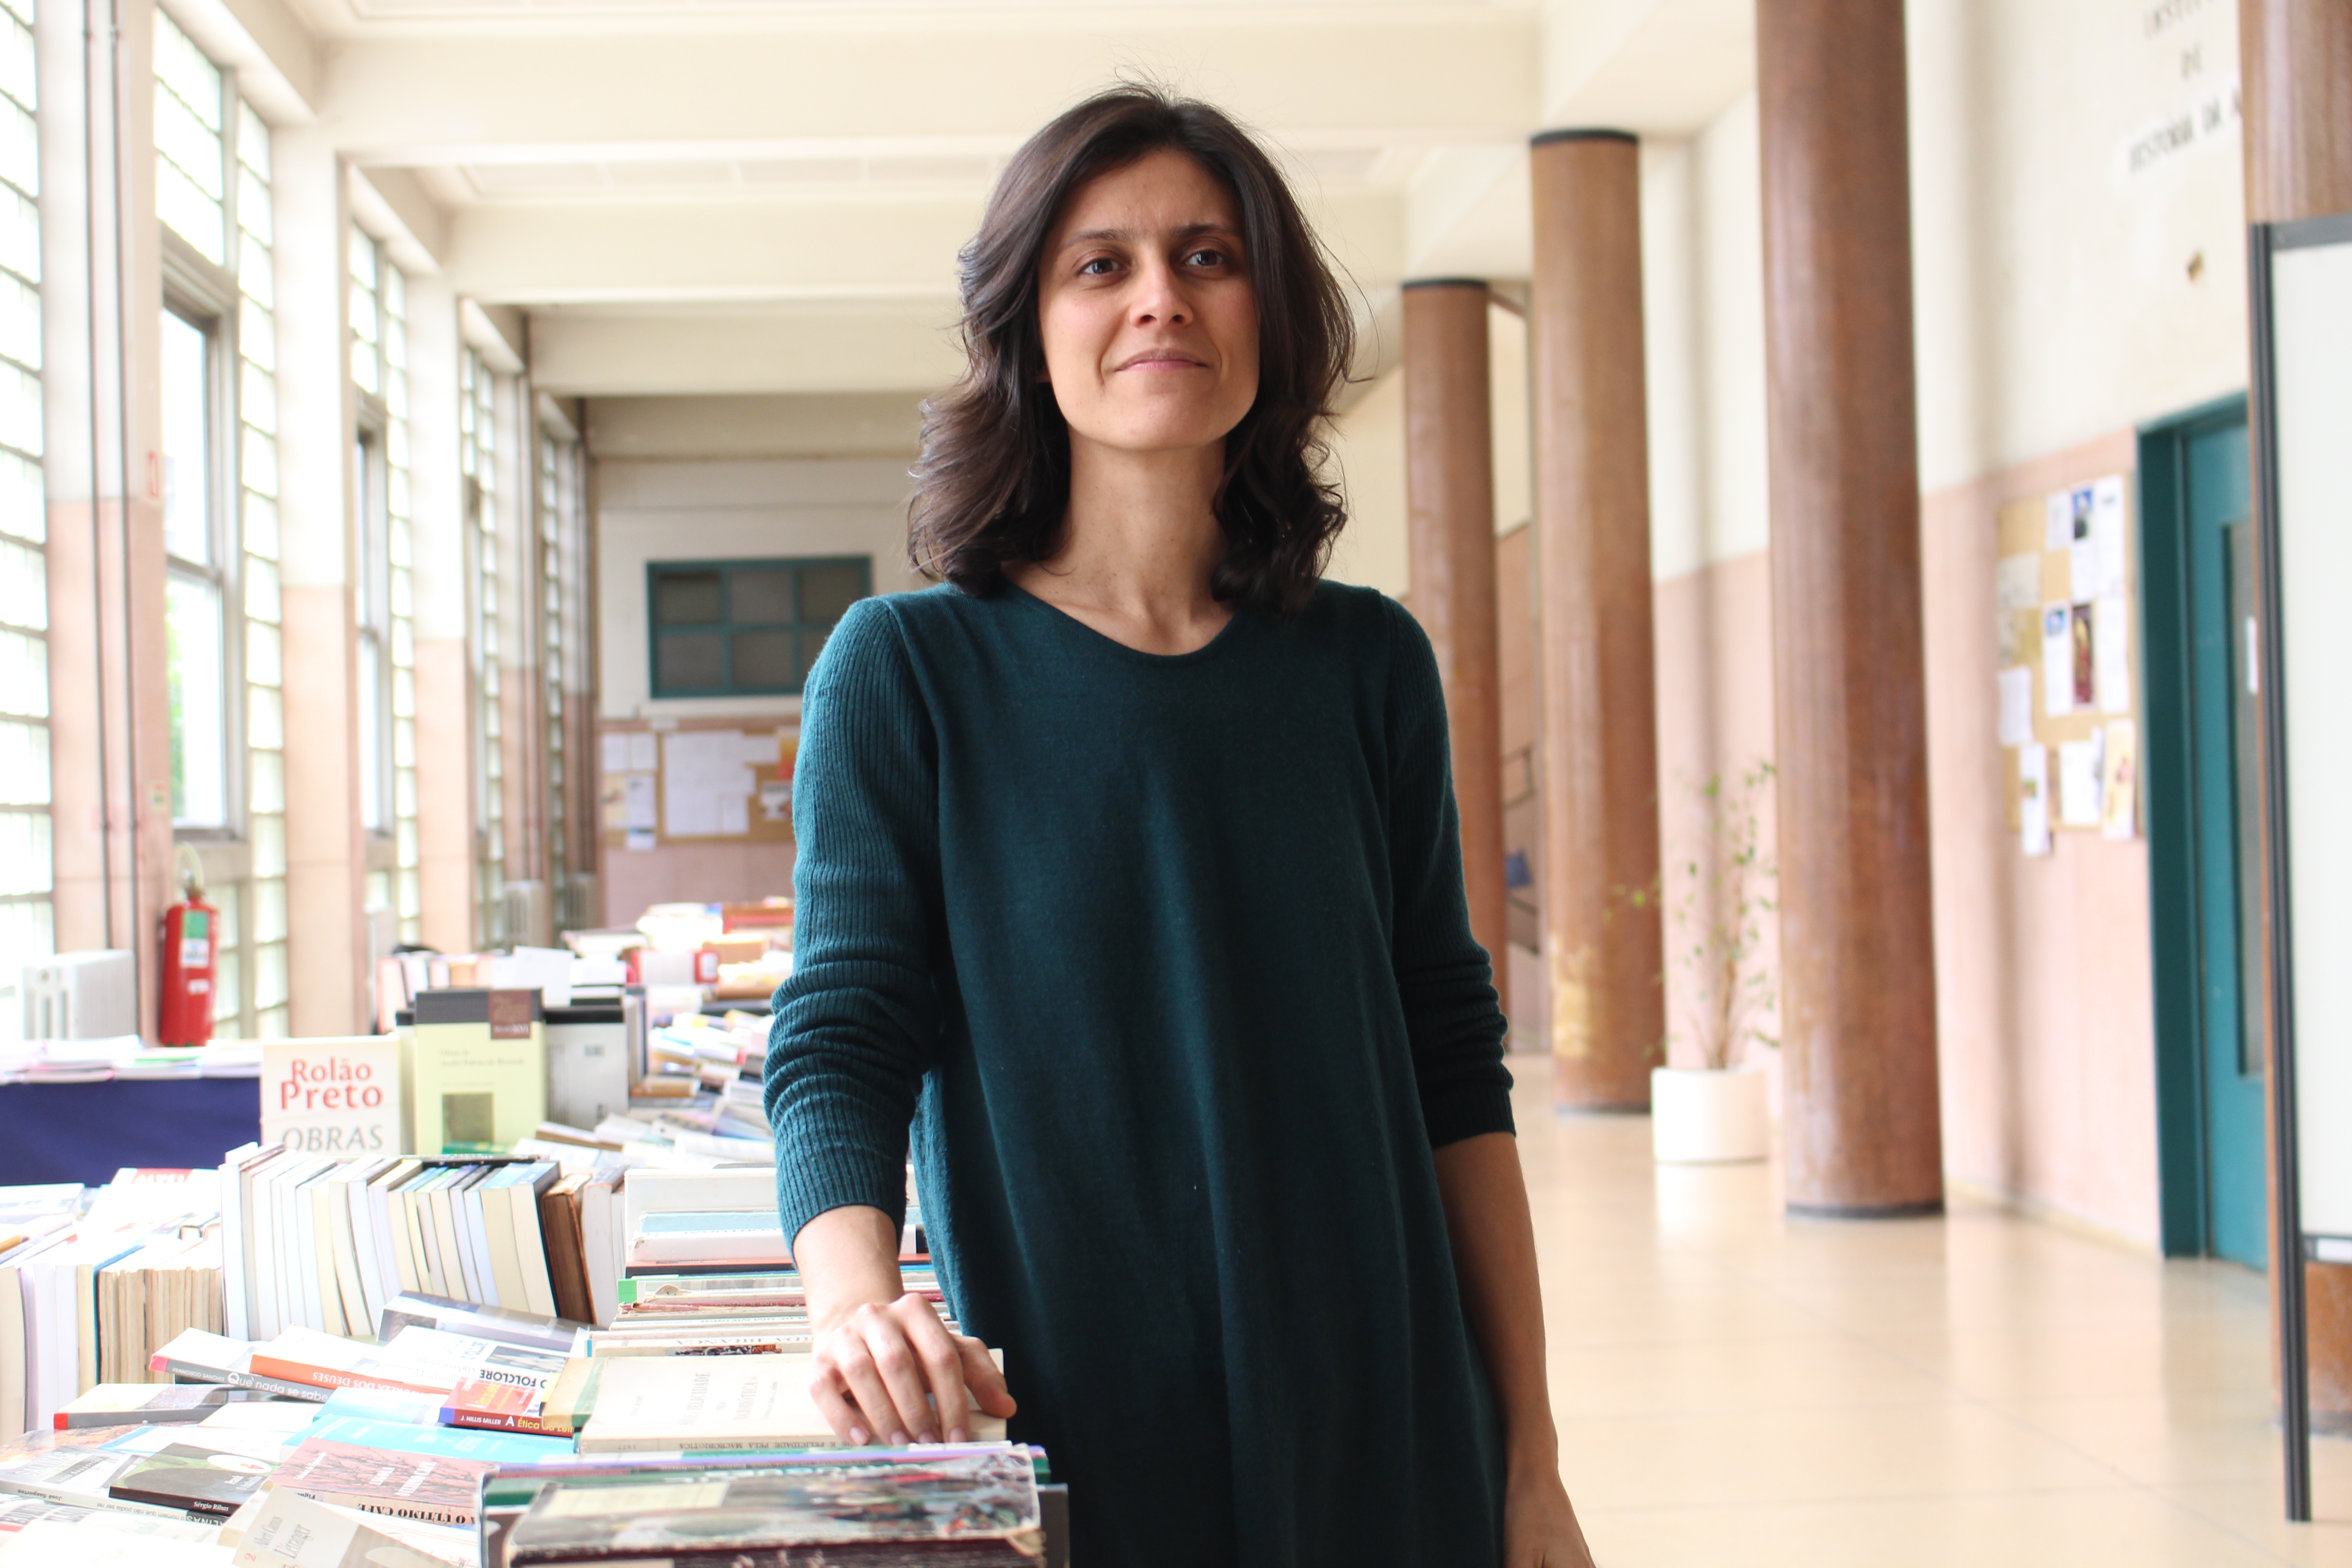 Rita Paulos